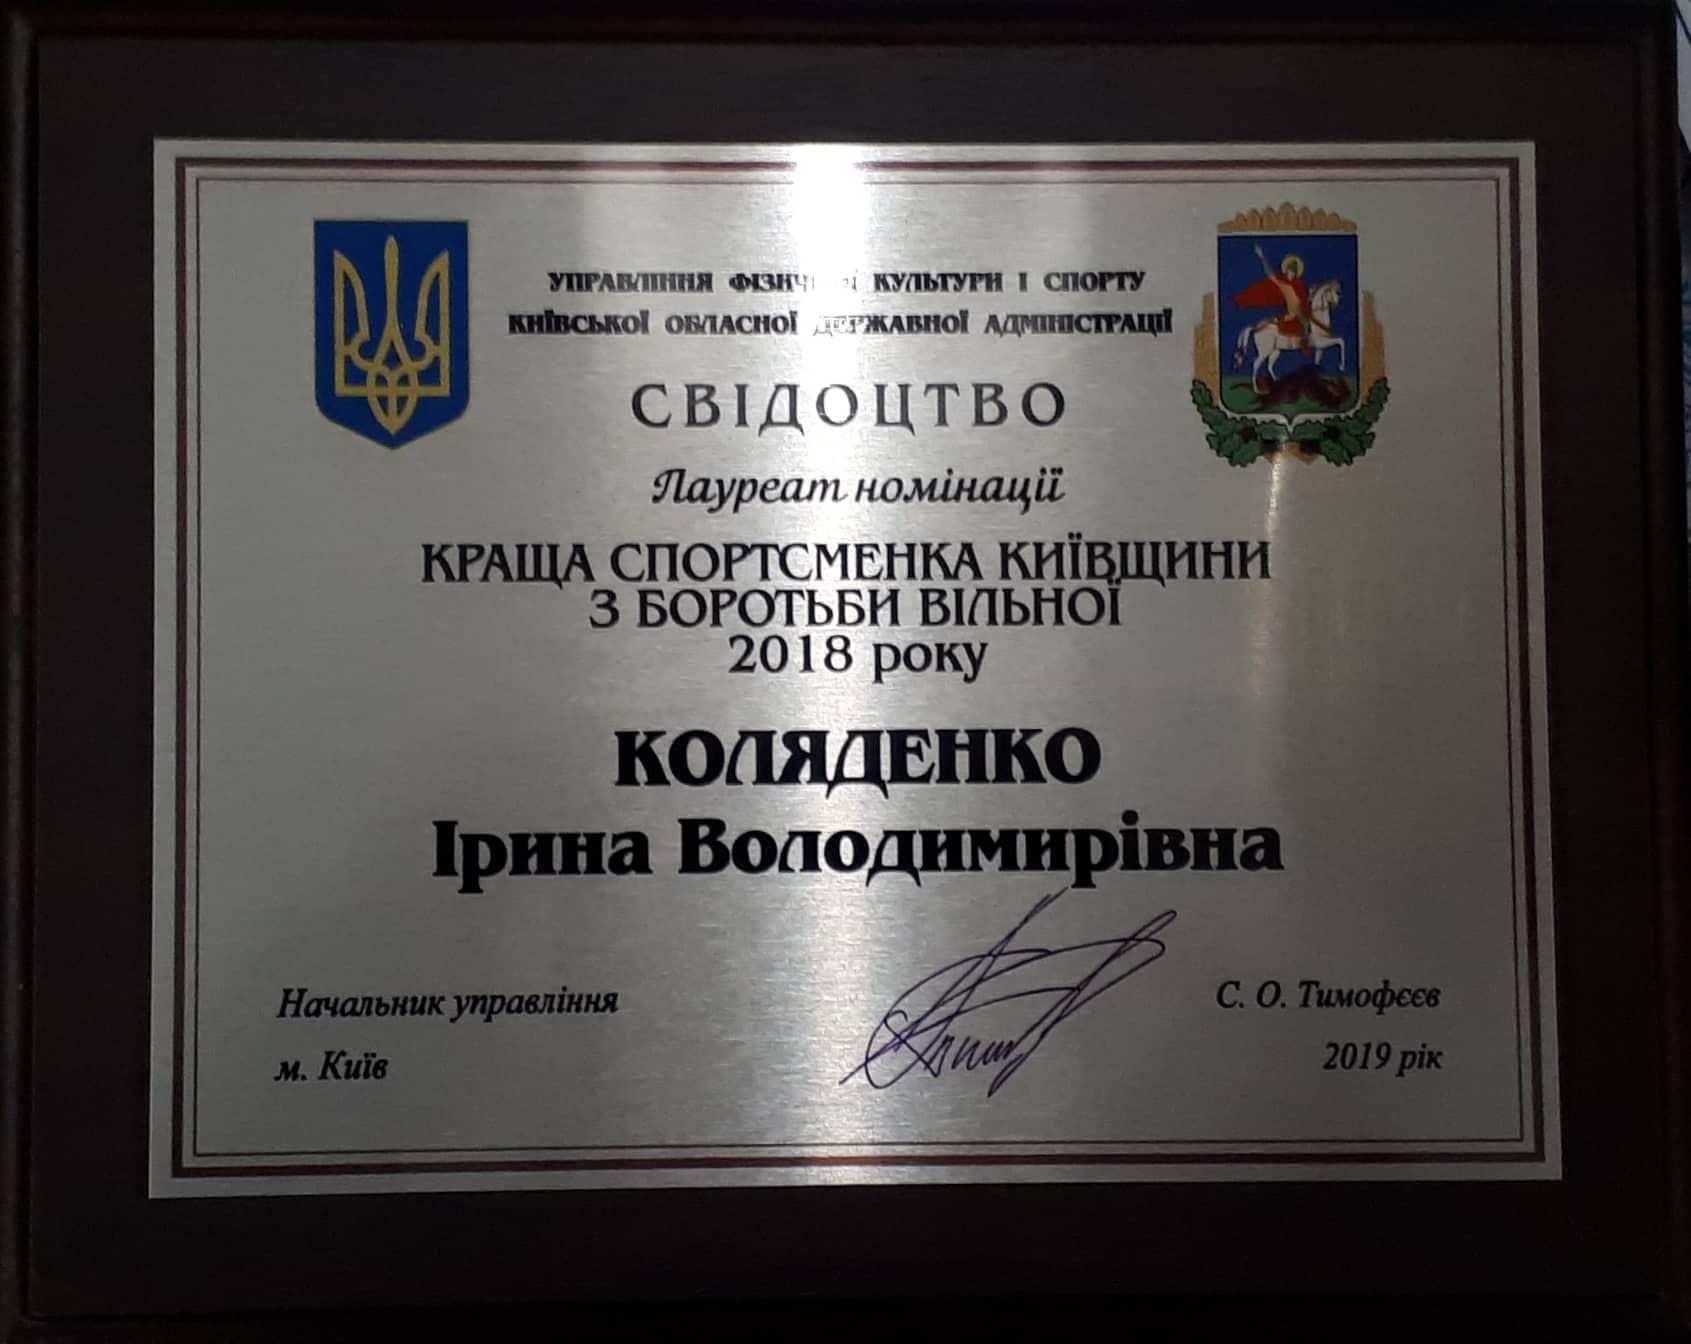 Тимофєєв, Коляденко, Яременко. Фото